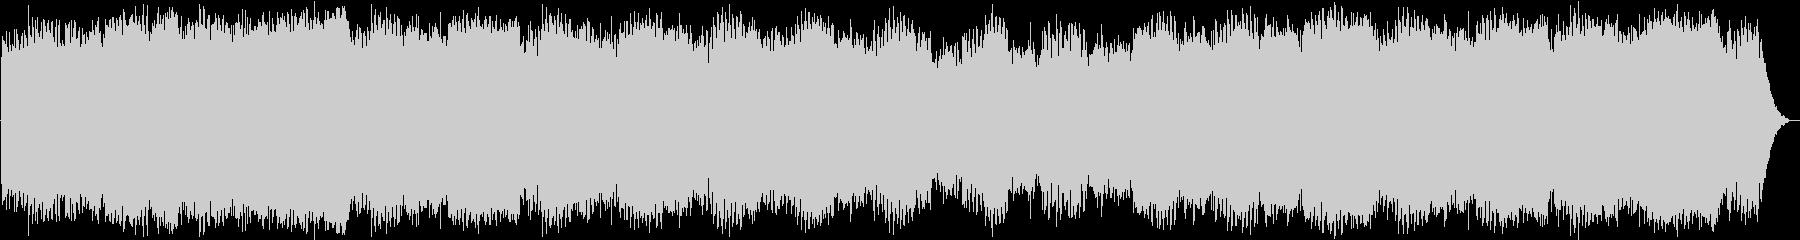 アンビエント ランドスケープ 環境音楽の未再生の波形